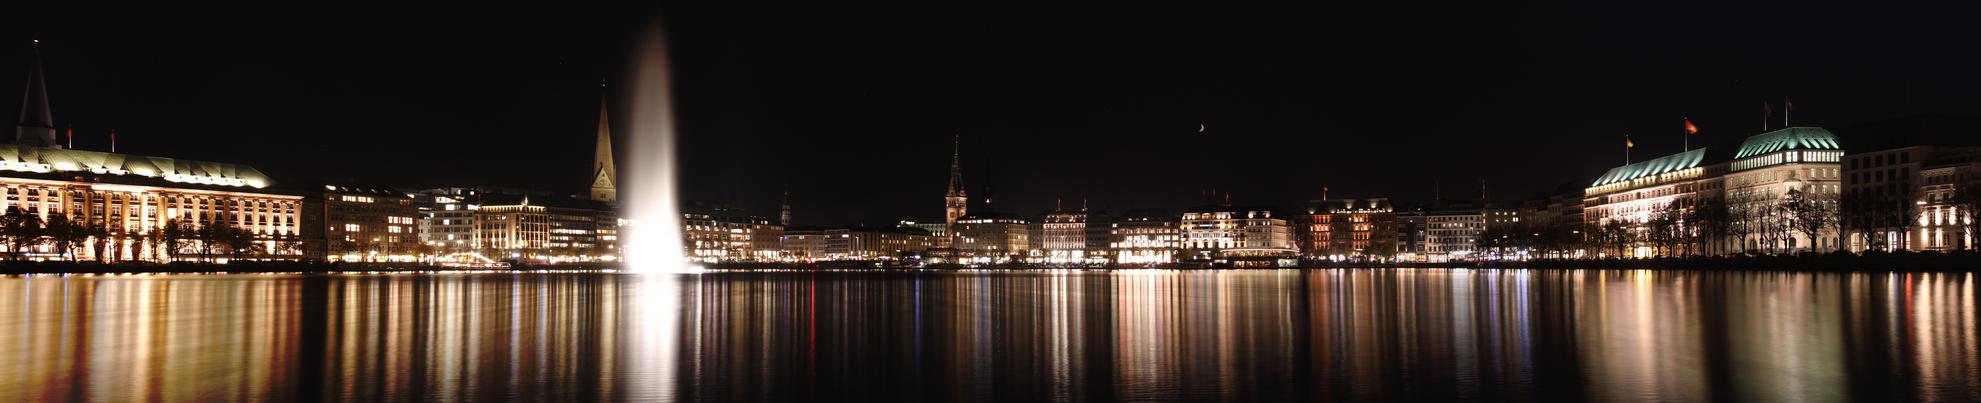 Alster panoramic, Hamburg by Meduana